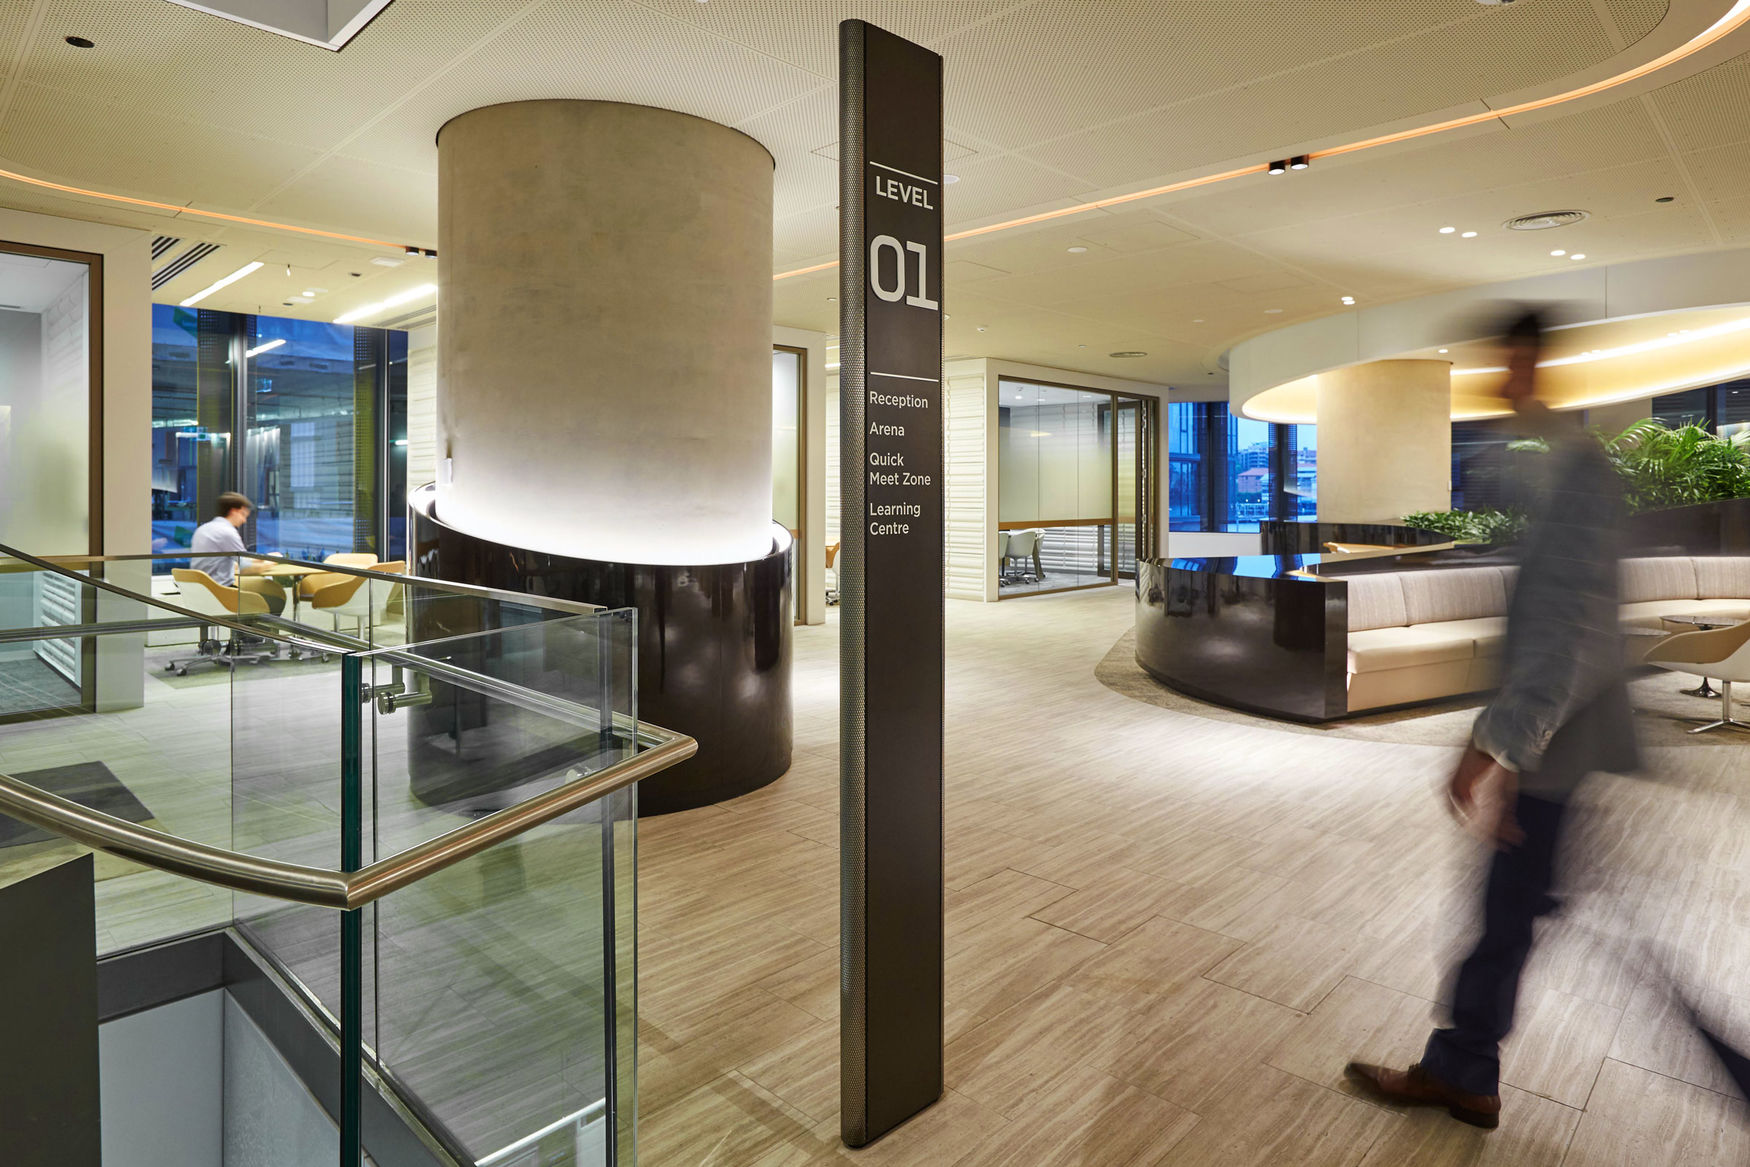 悉尼国际大厦标识系统规划设计©Urbanite